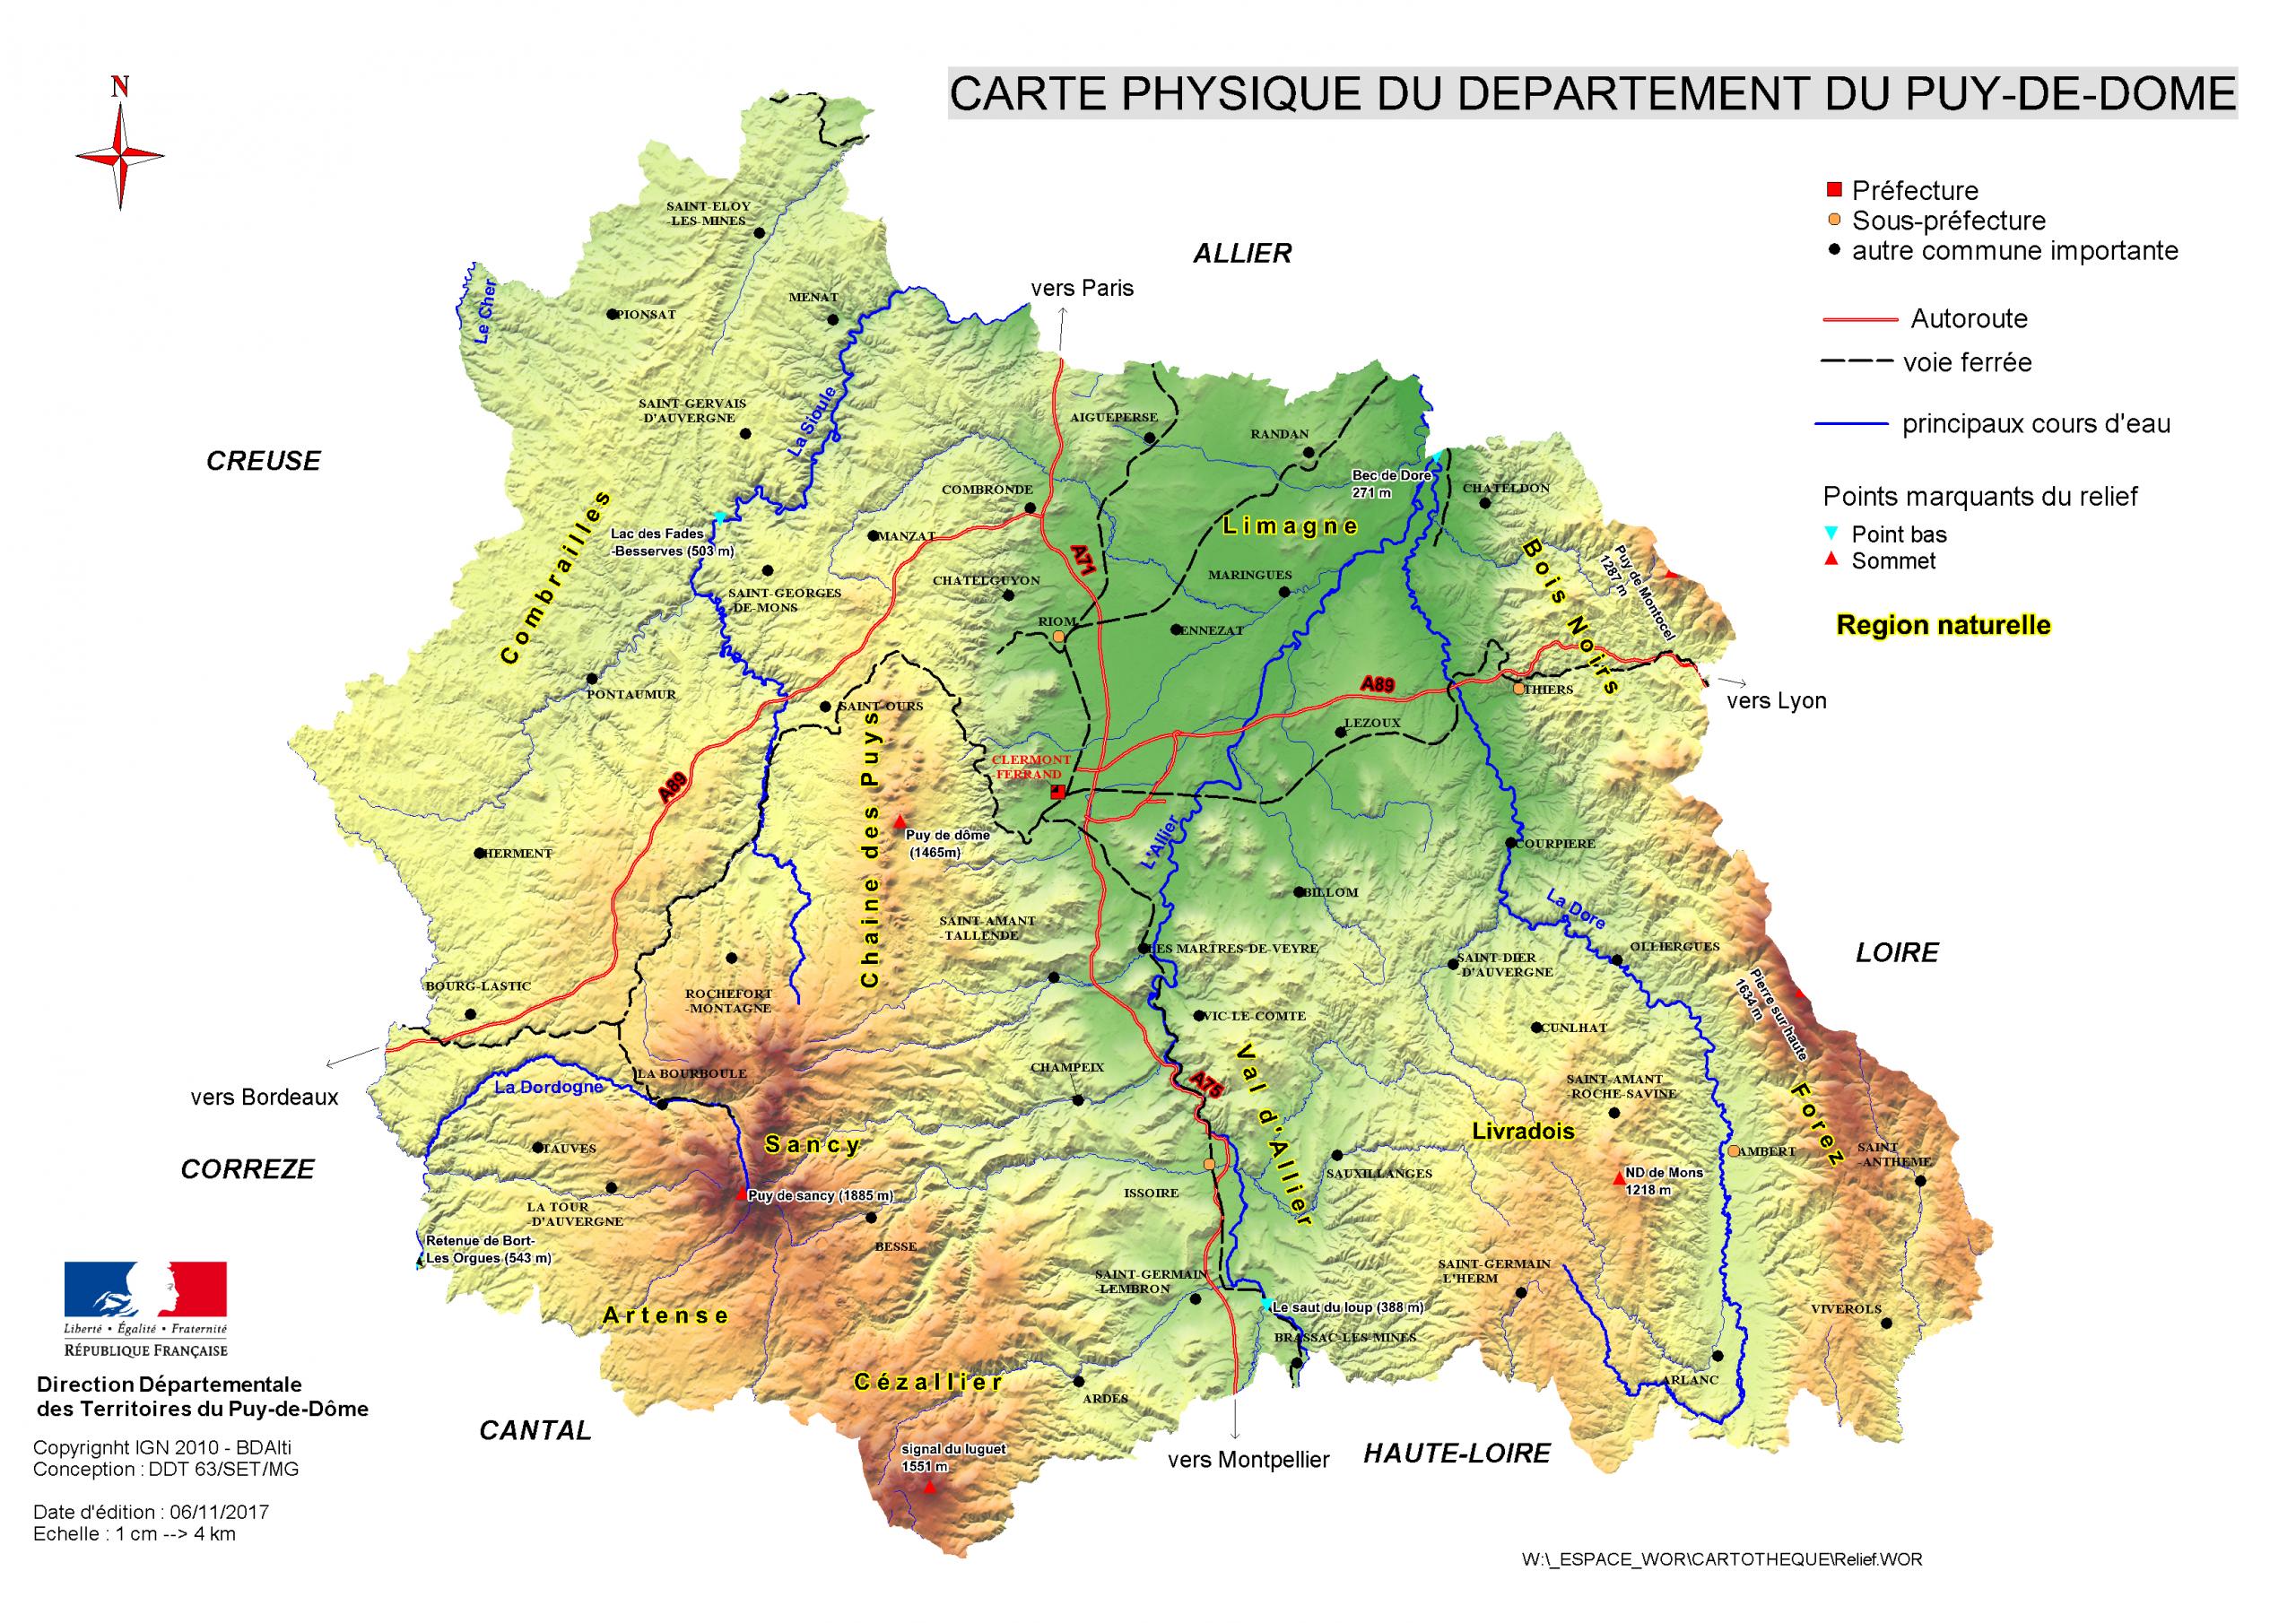 Carte Physique Du Département Du Puy-De-Dôme - Internet Des dedans Carte De Departement A Imprimer